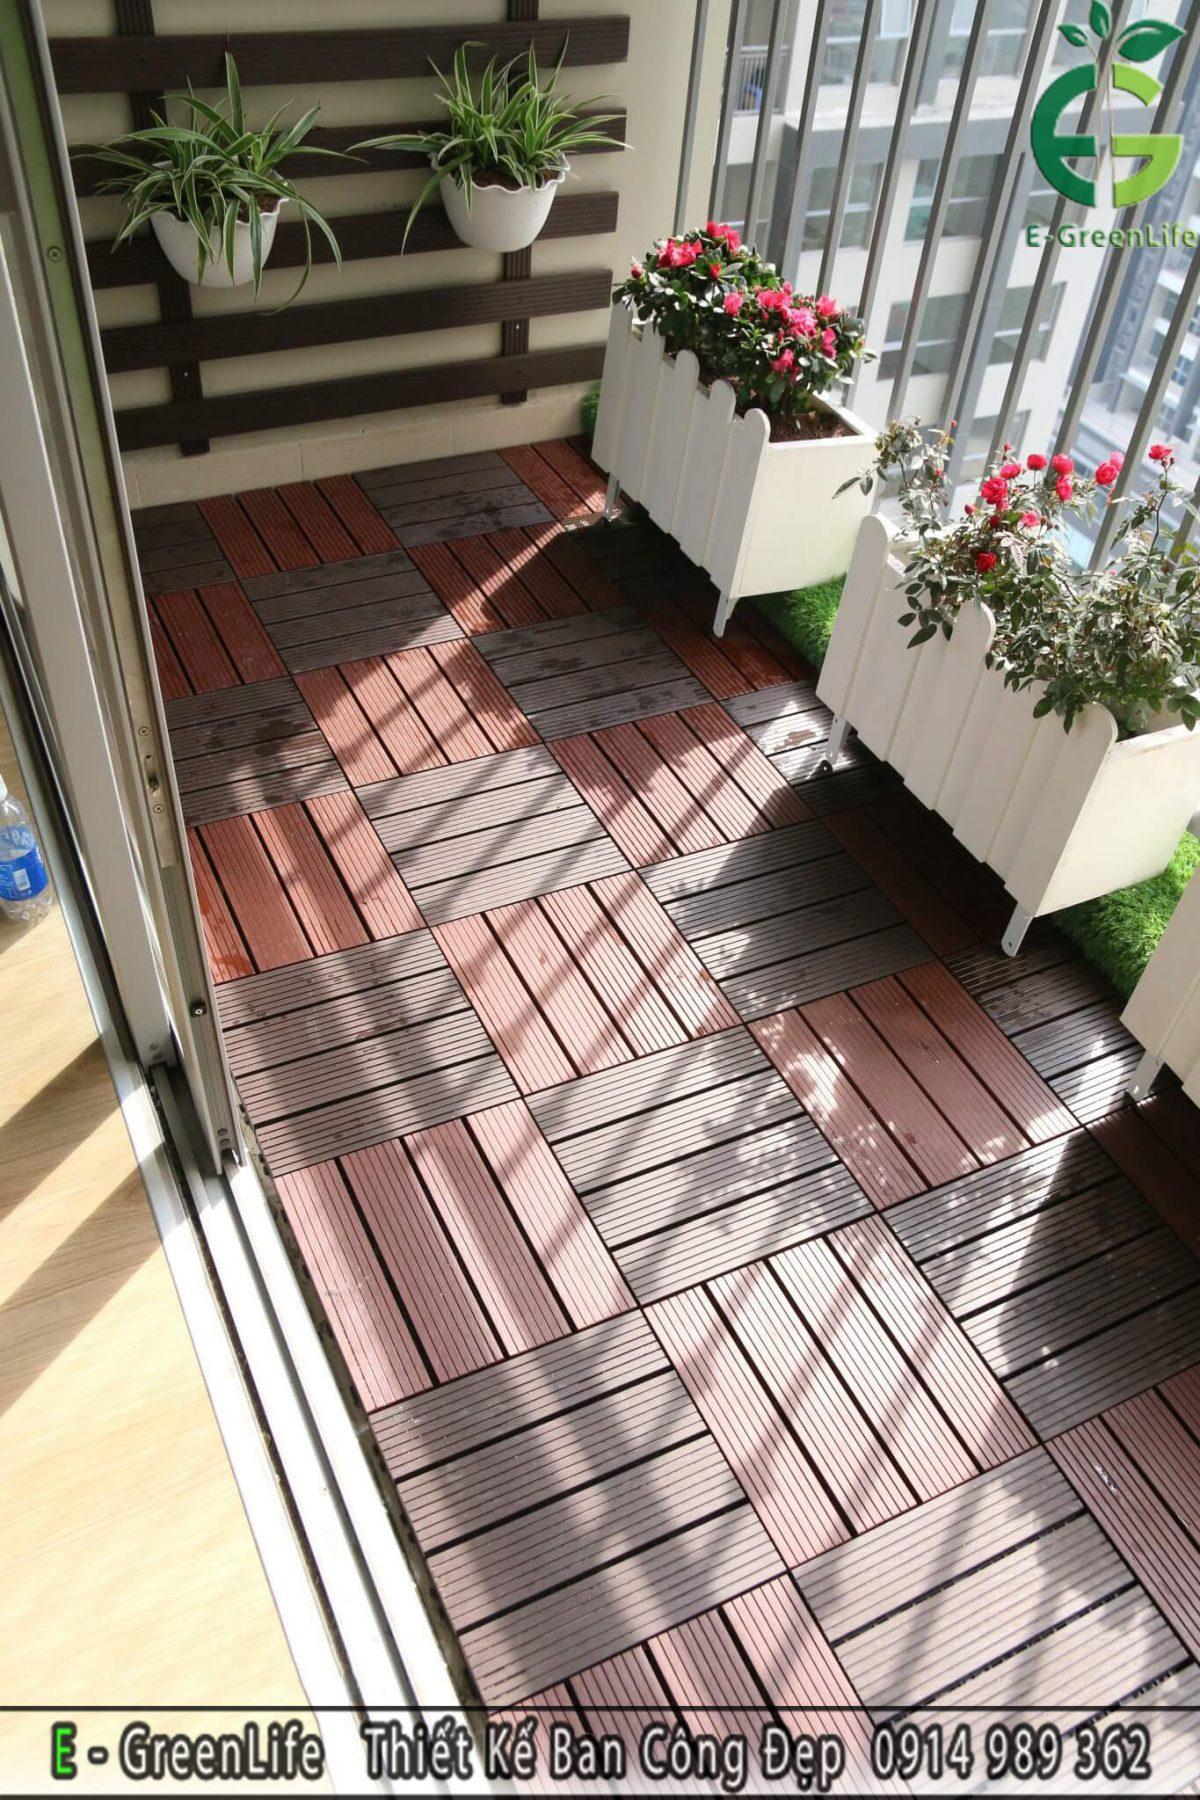 Vỉ sàn gỗ nhựa composite kích thước 30x30 cm Chuyên dùng để lát sàn ban công, logia chung cư